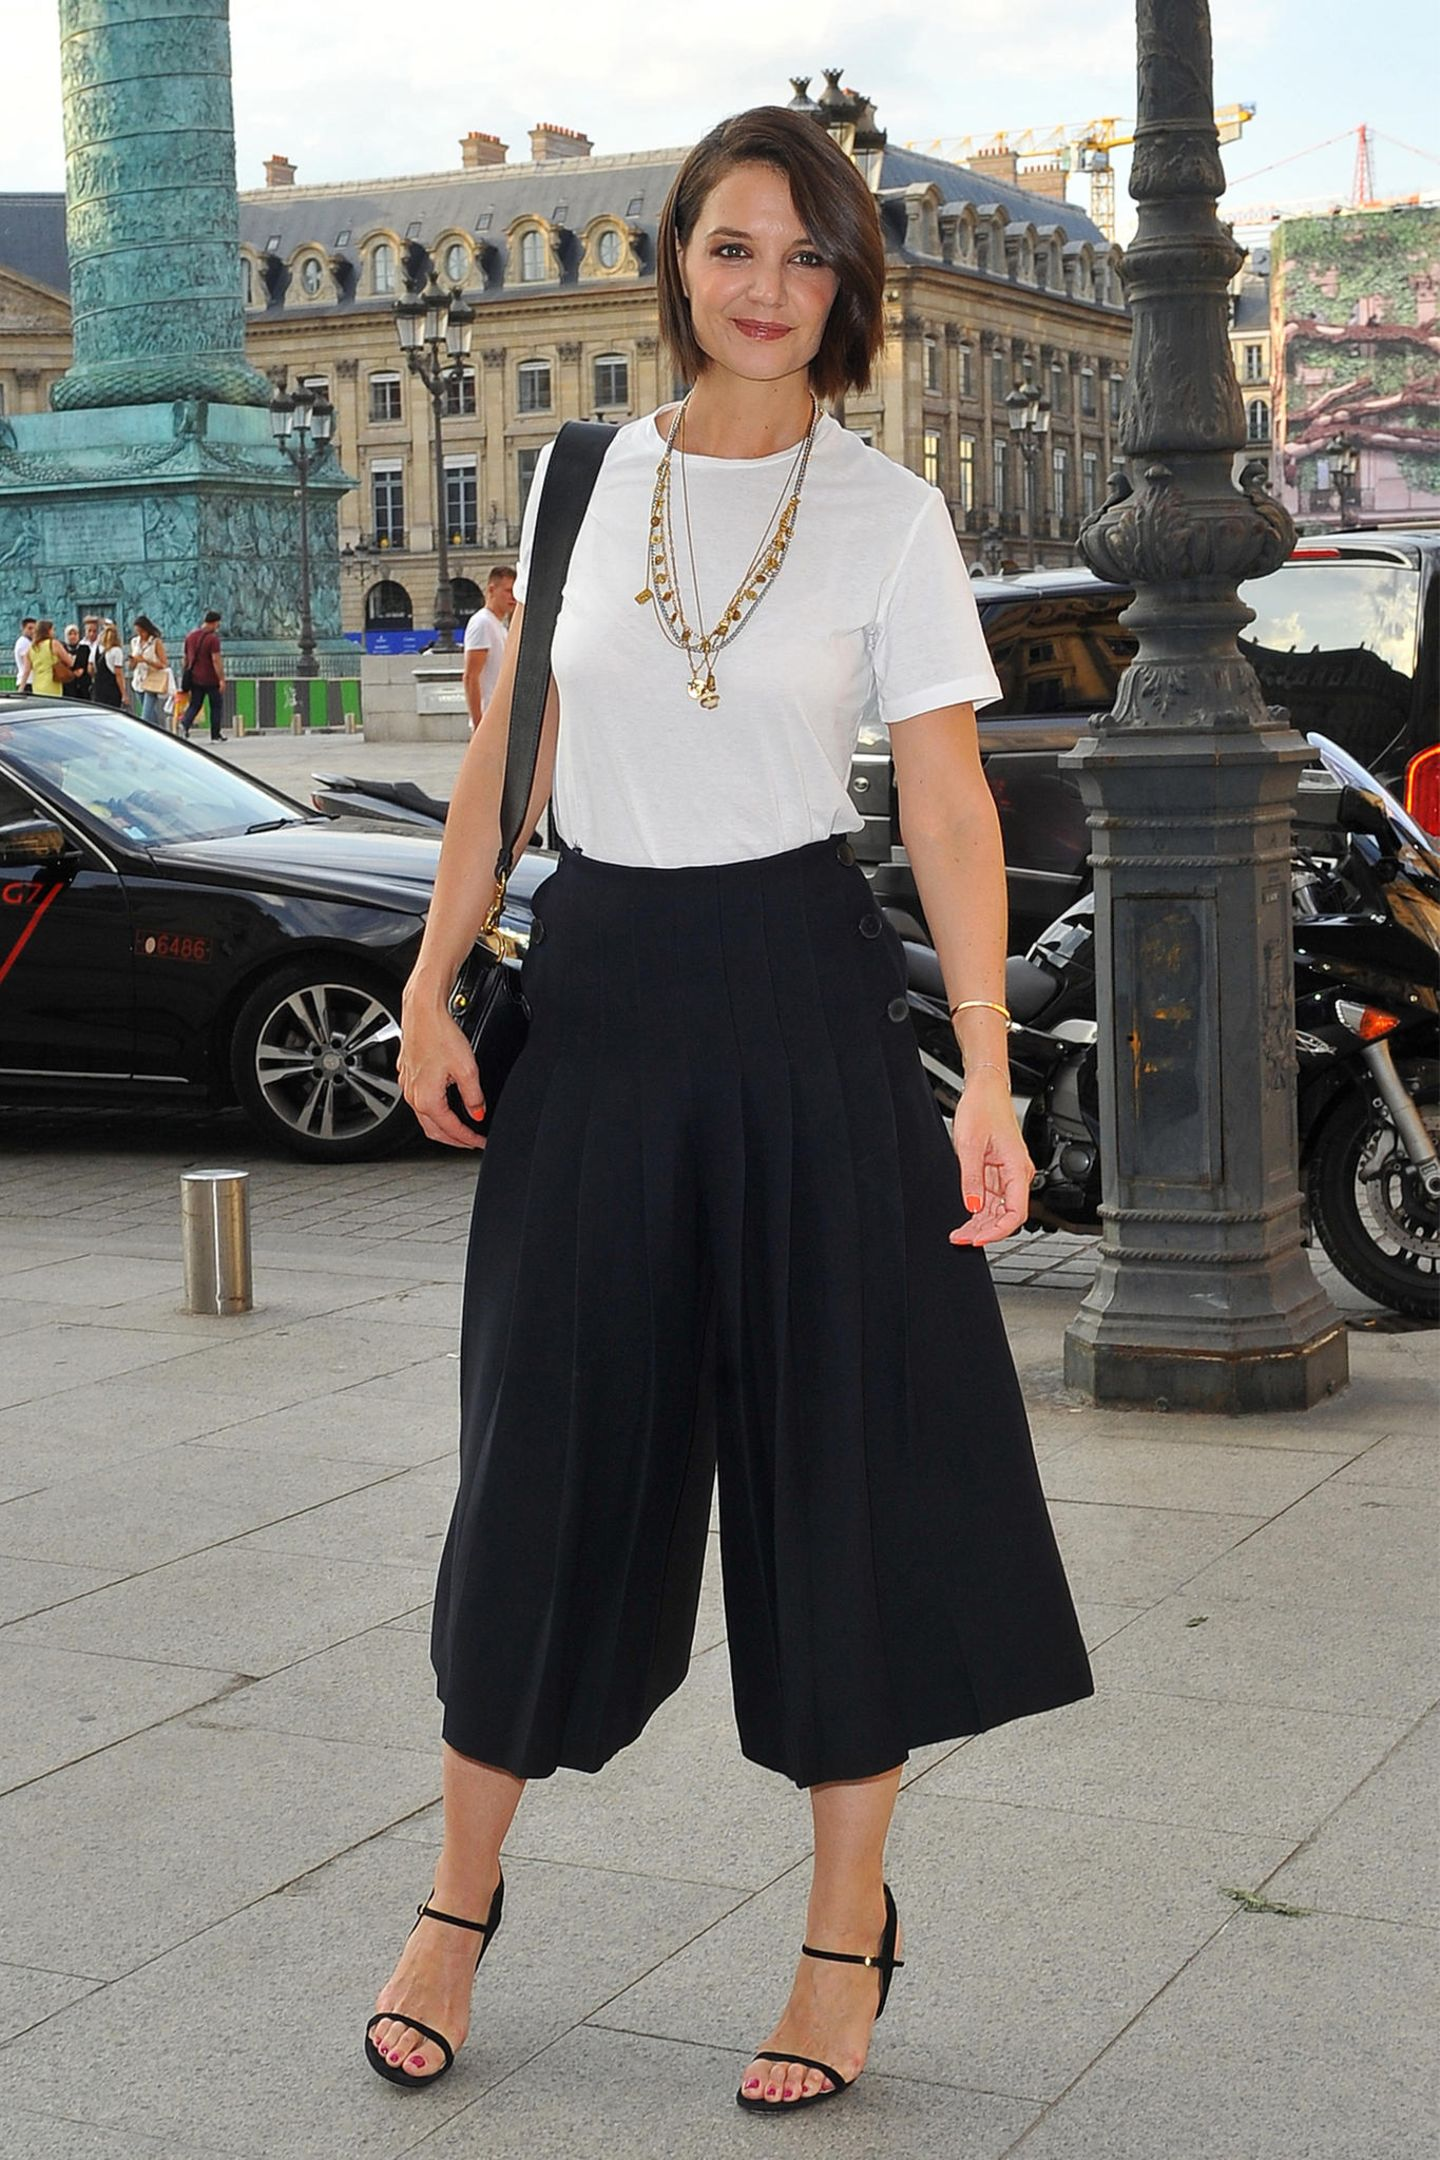 Sie kann's ja: In diesem eleganten Schwarz-Weiß-Look zeigte sich Katie dann am Abend des gleichen Tages in Paris. Wahrscheinlich wollte sie wieder ordentlich durchatmen.